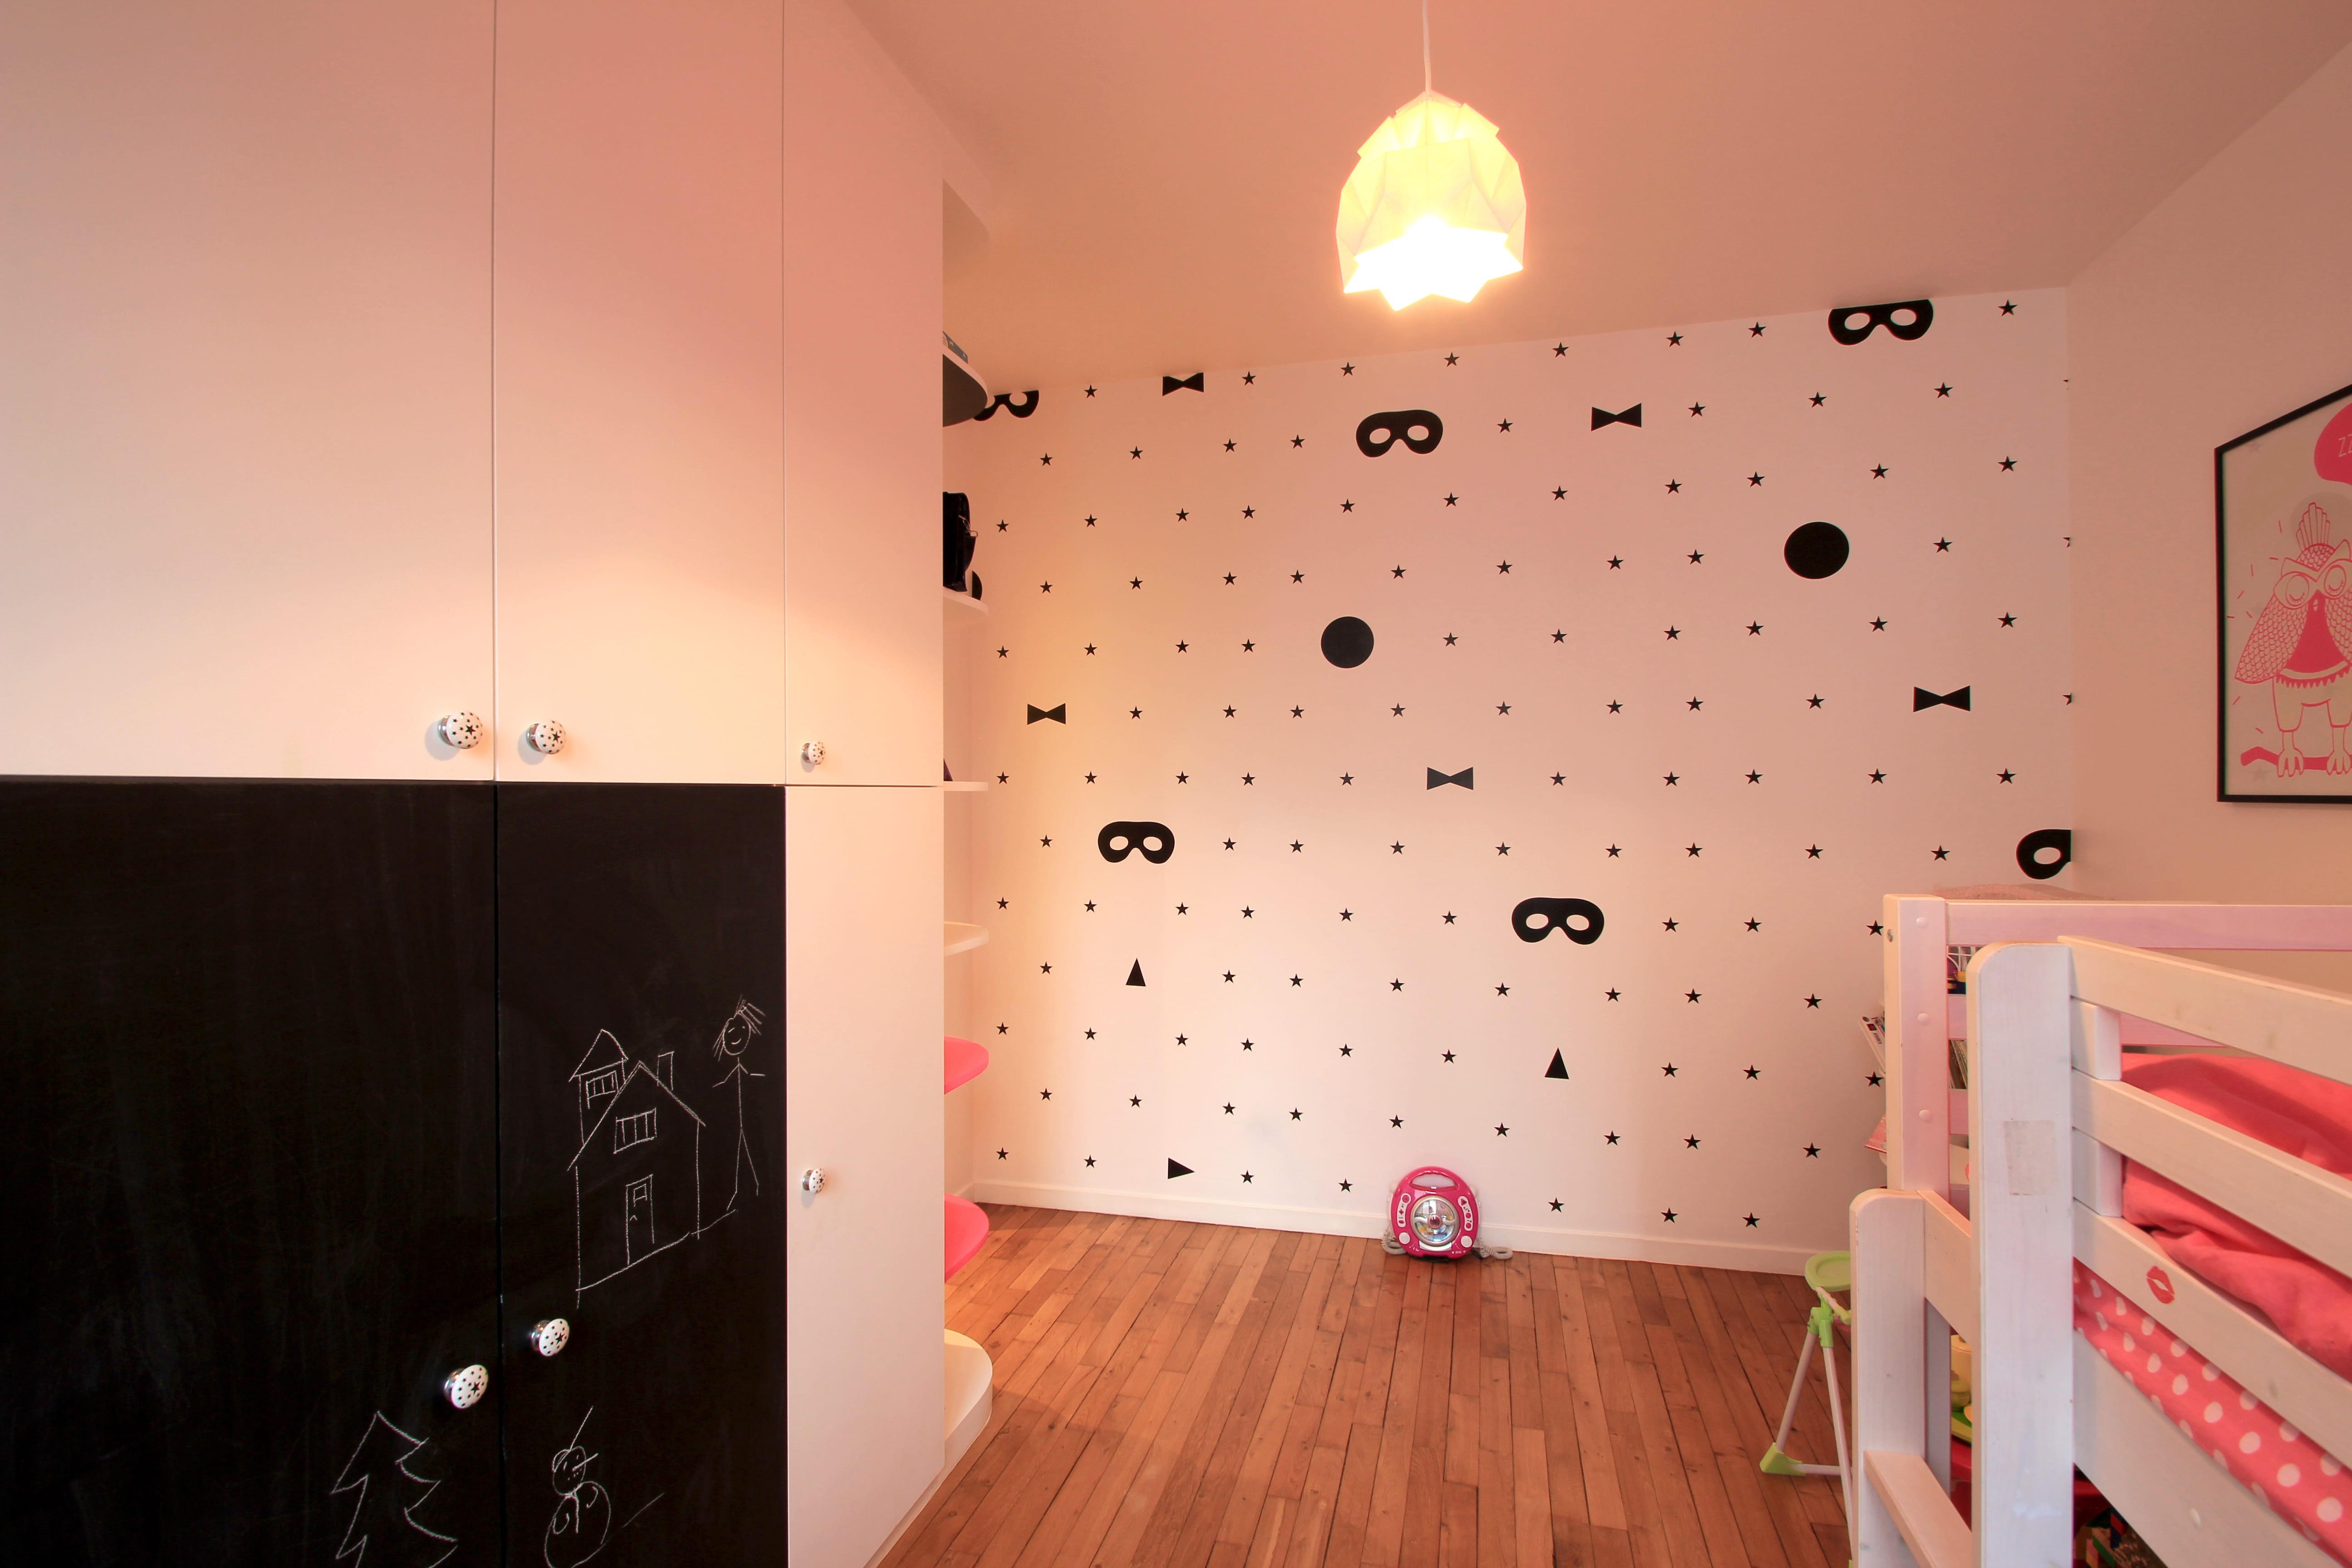 Du papier peint pour le relief avant apr s une chambre - Mettre du papier peint sur du papier peint ...